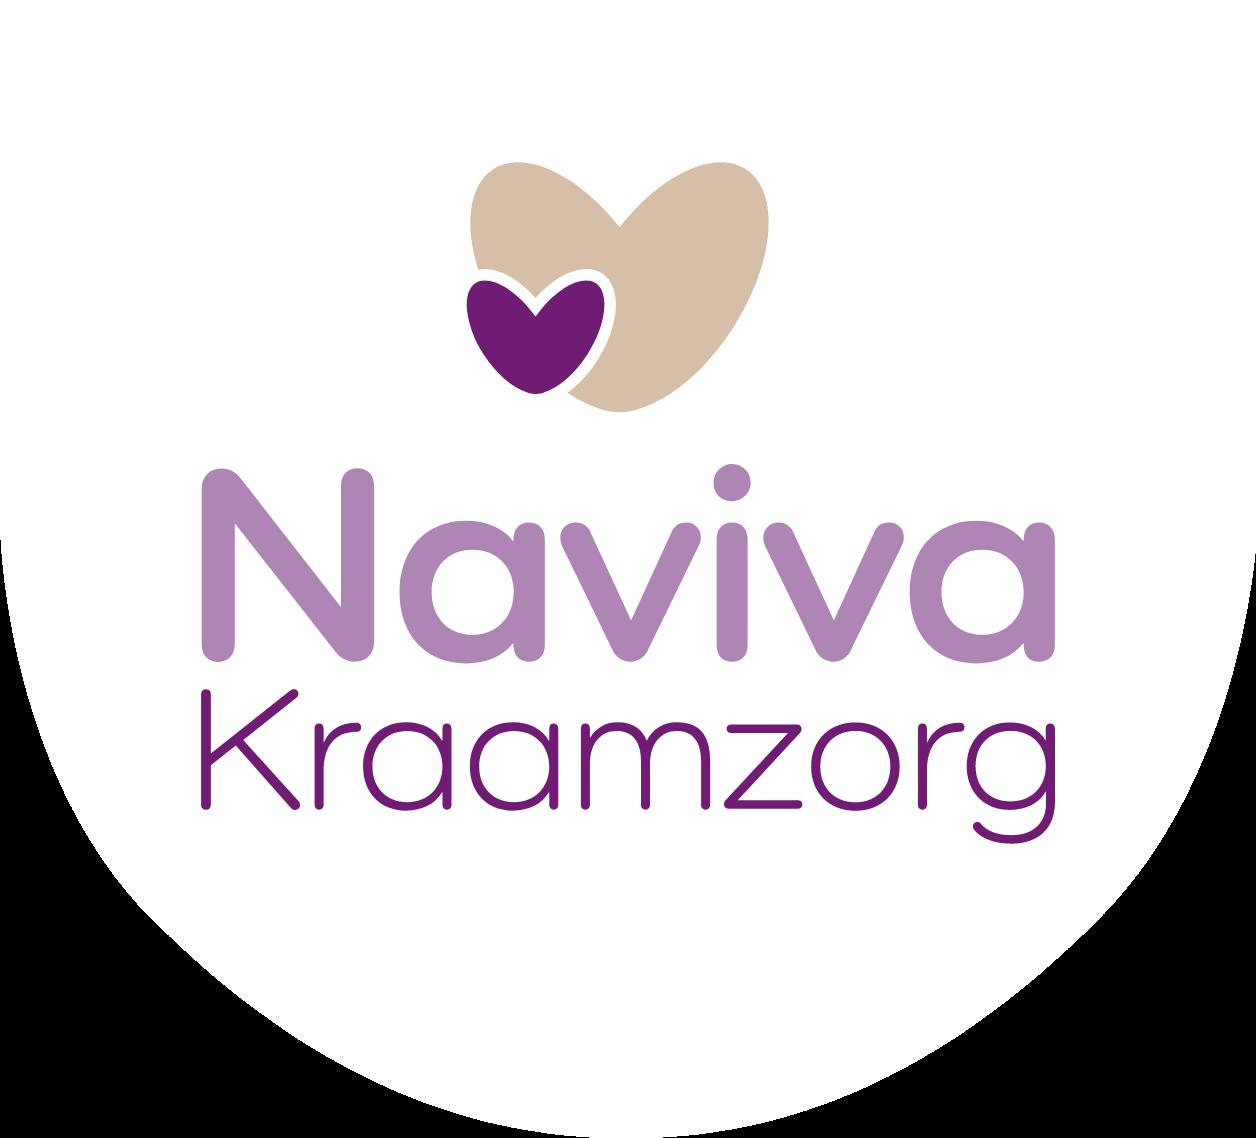 Kraamzorg via Naviva Kraamzorg